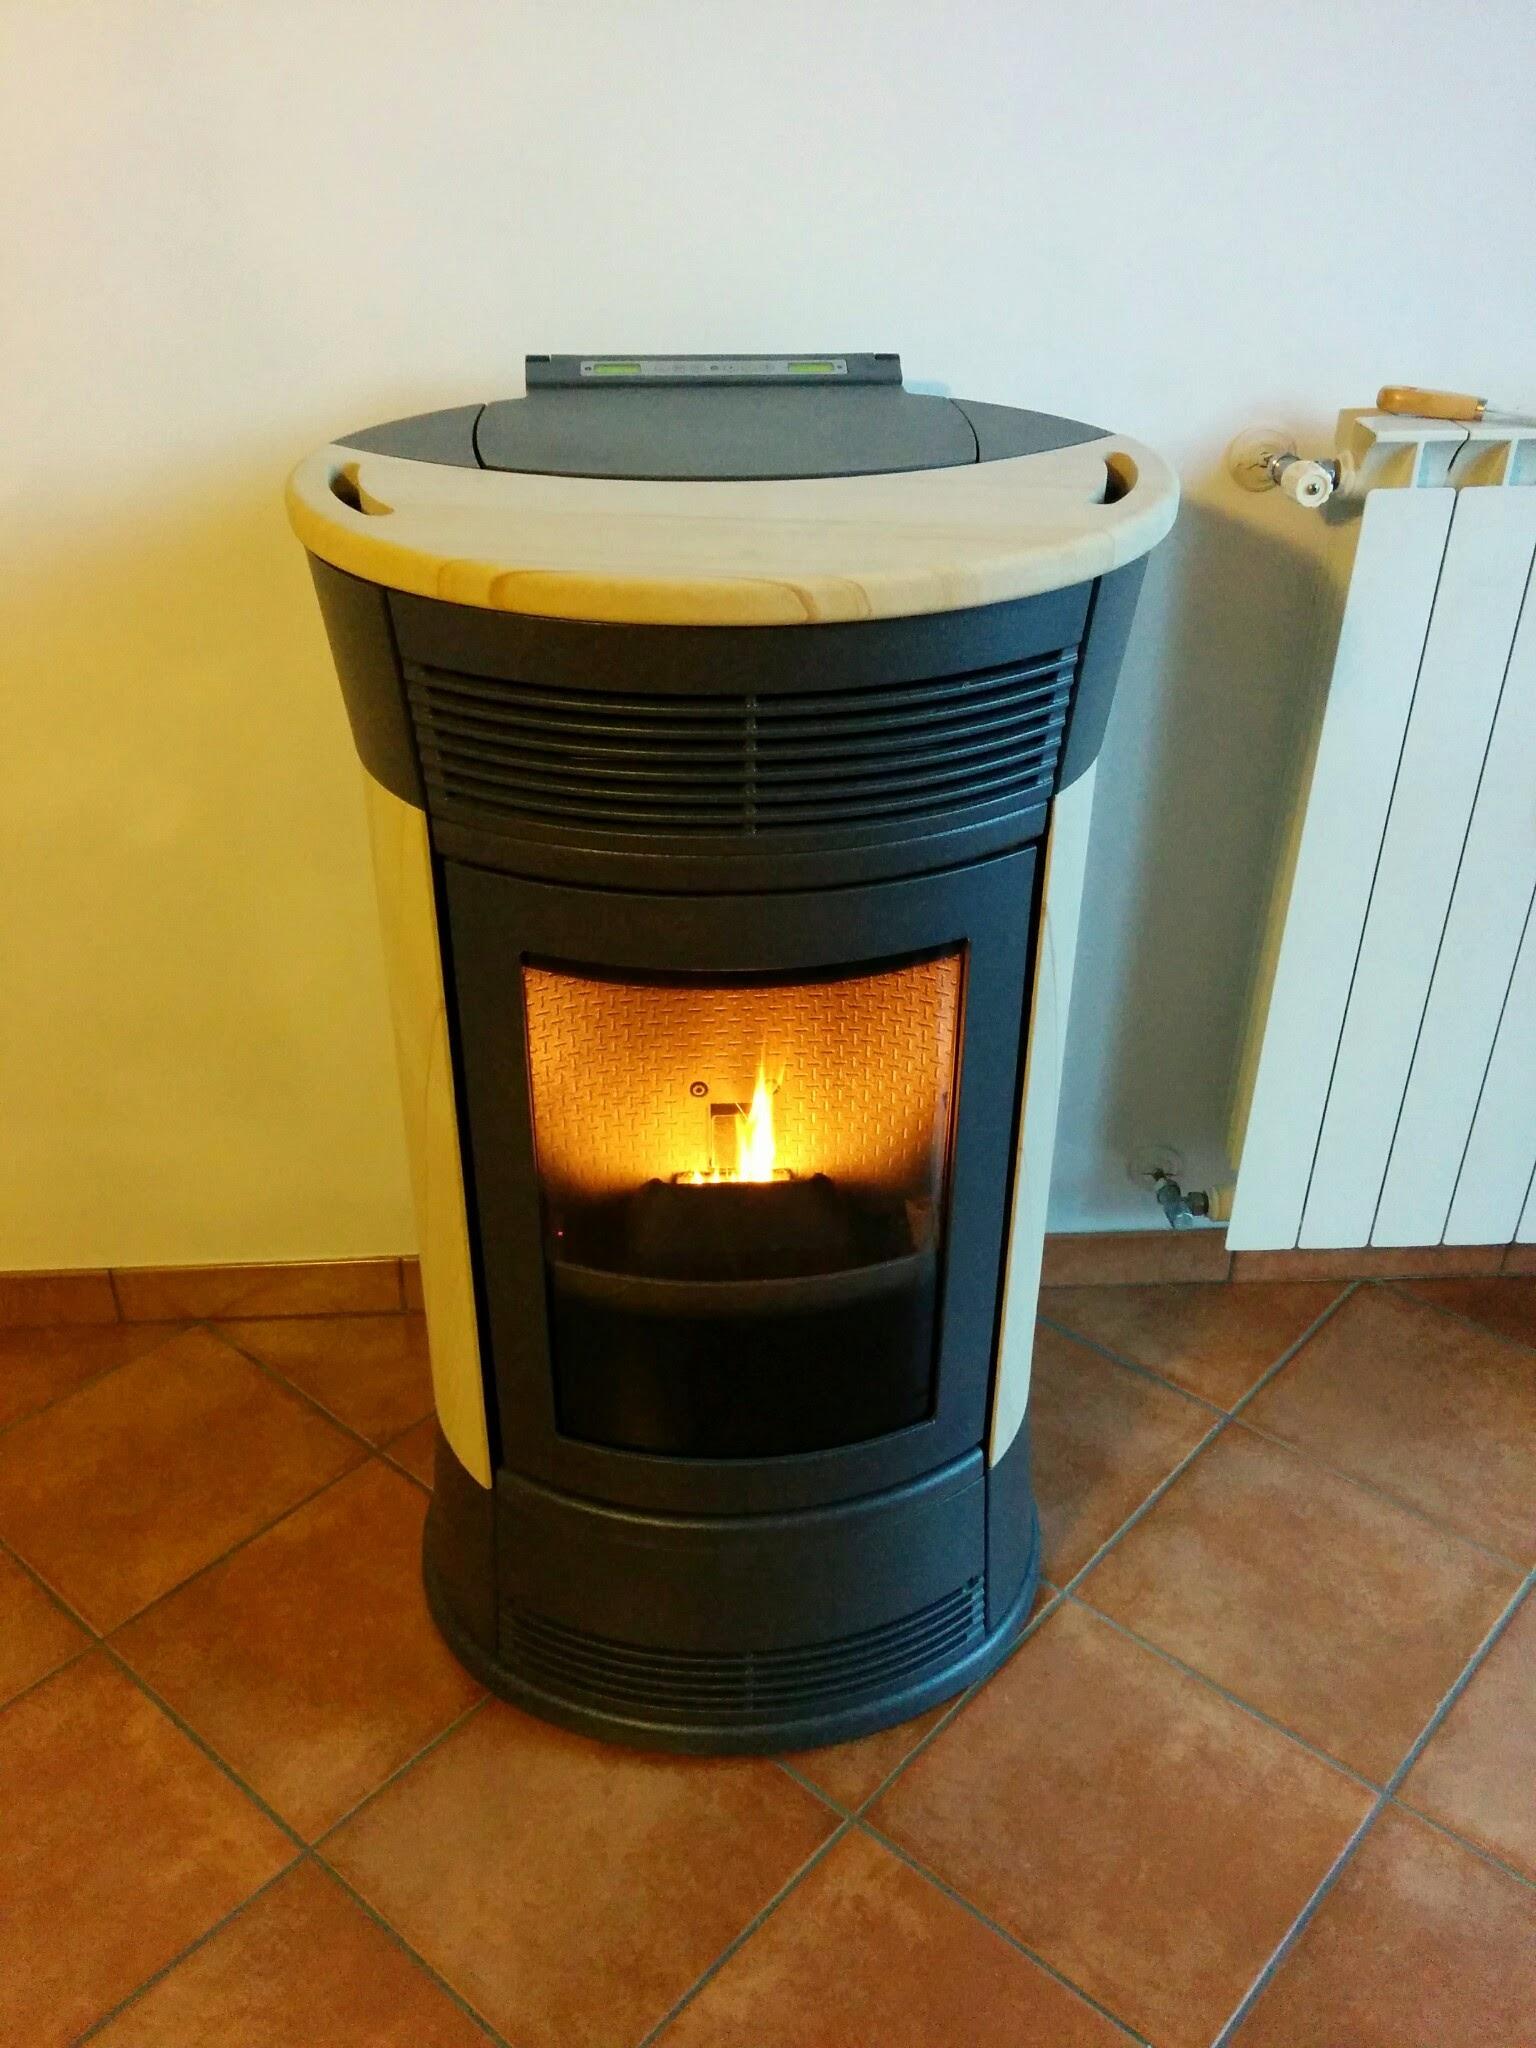 Installazione canna fumaria dp stufa a pellet edilkamin - Stufa a pellet usato ...